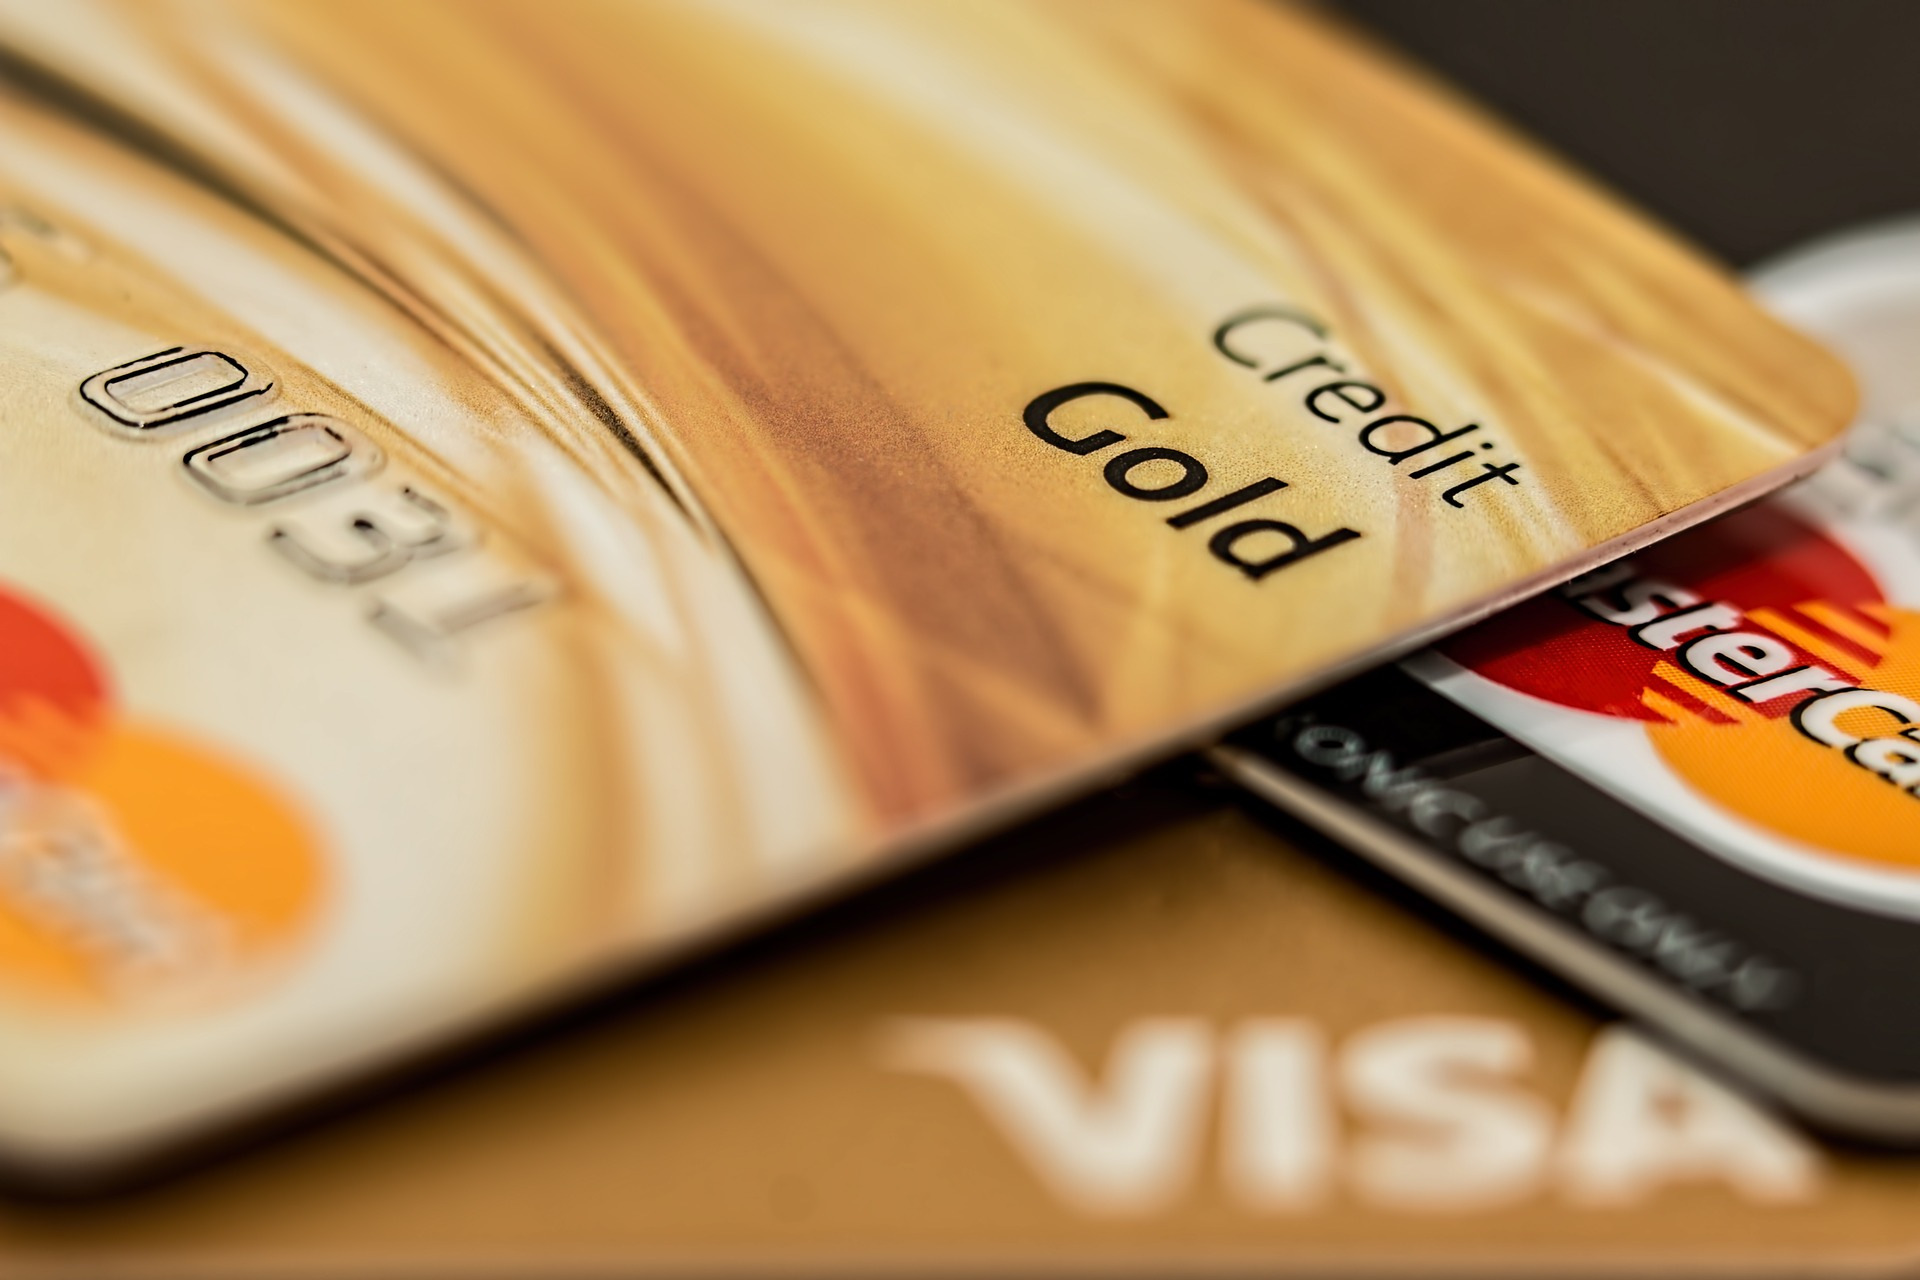 借錢案例-用小額借款解決卡費遲繳的問題,避免信用瑕疵|4497借錢網